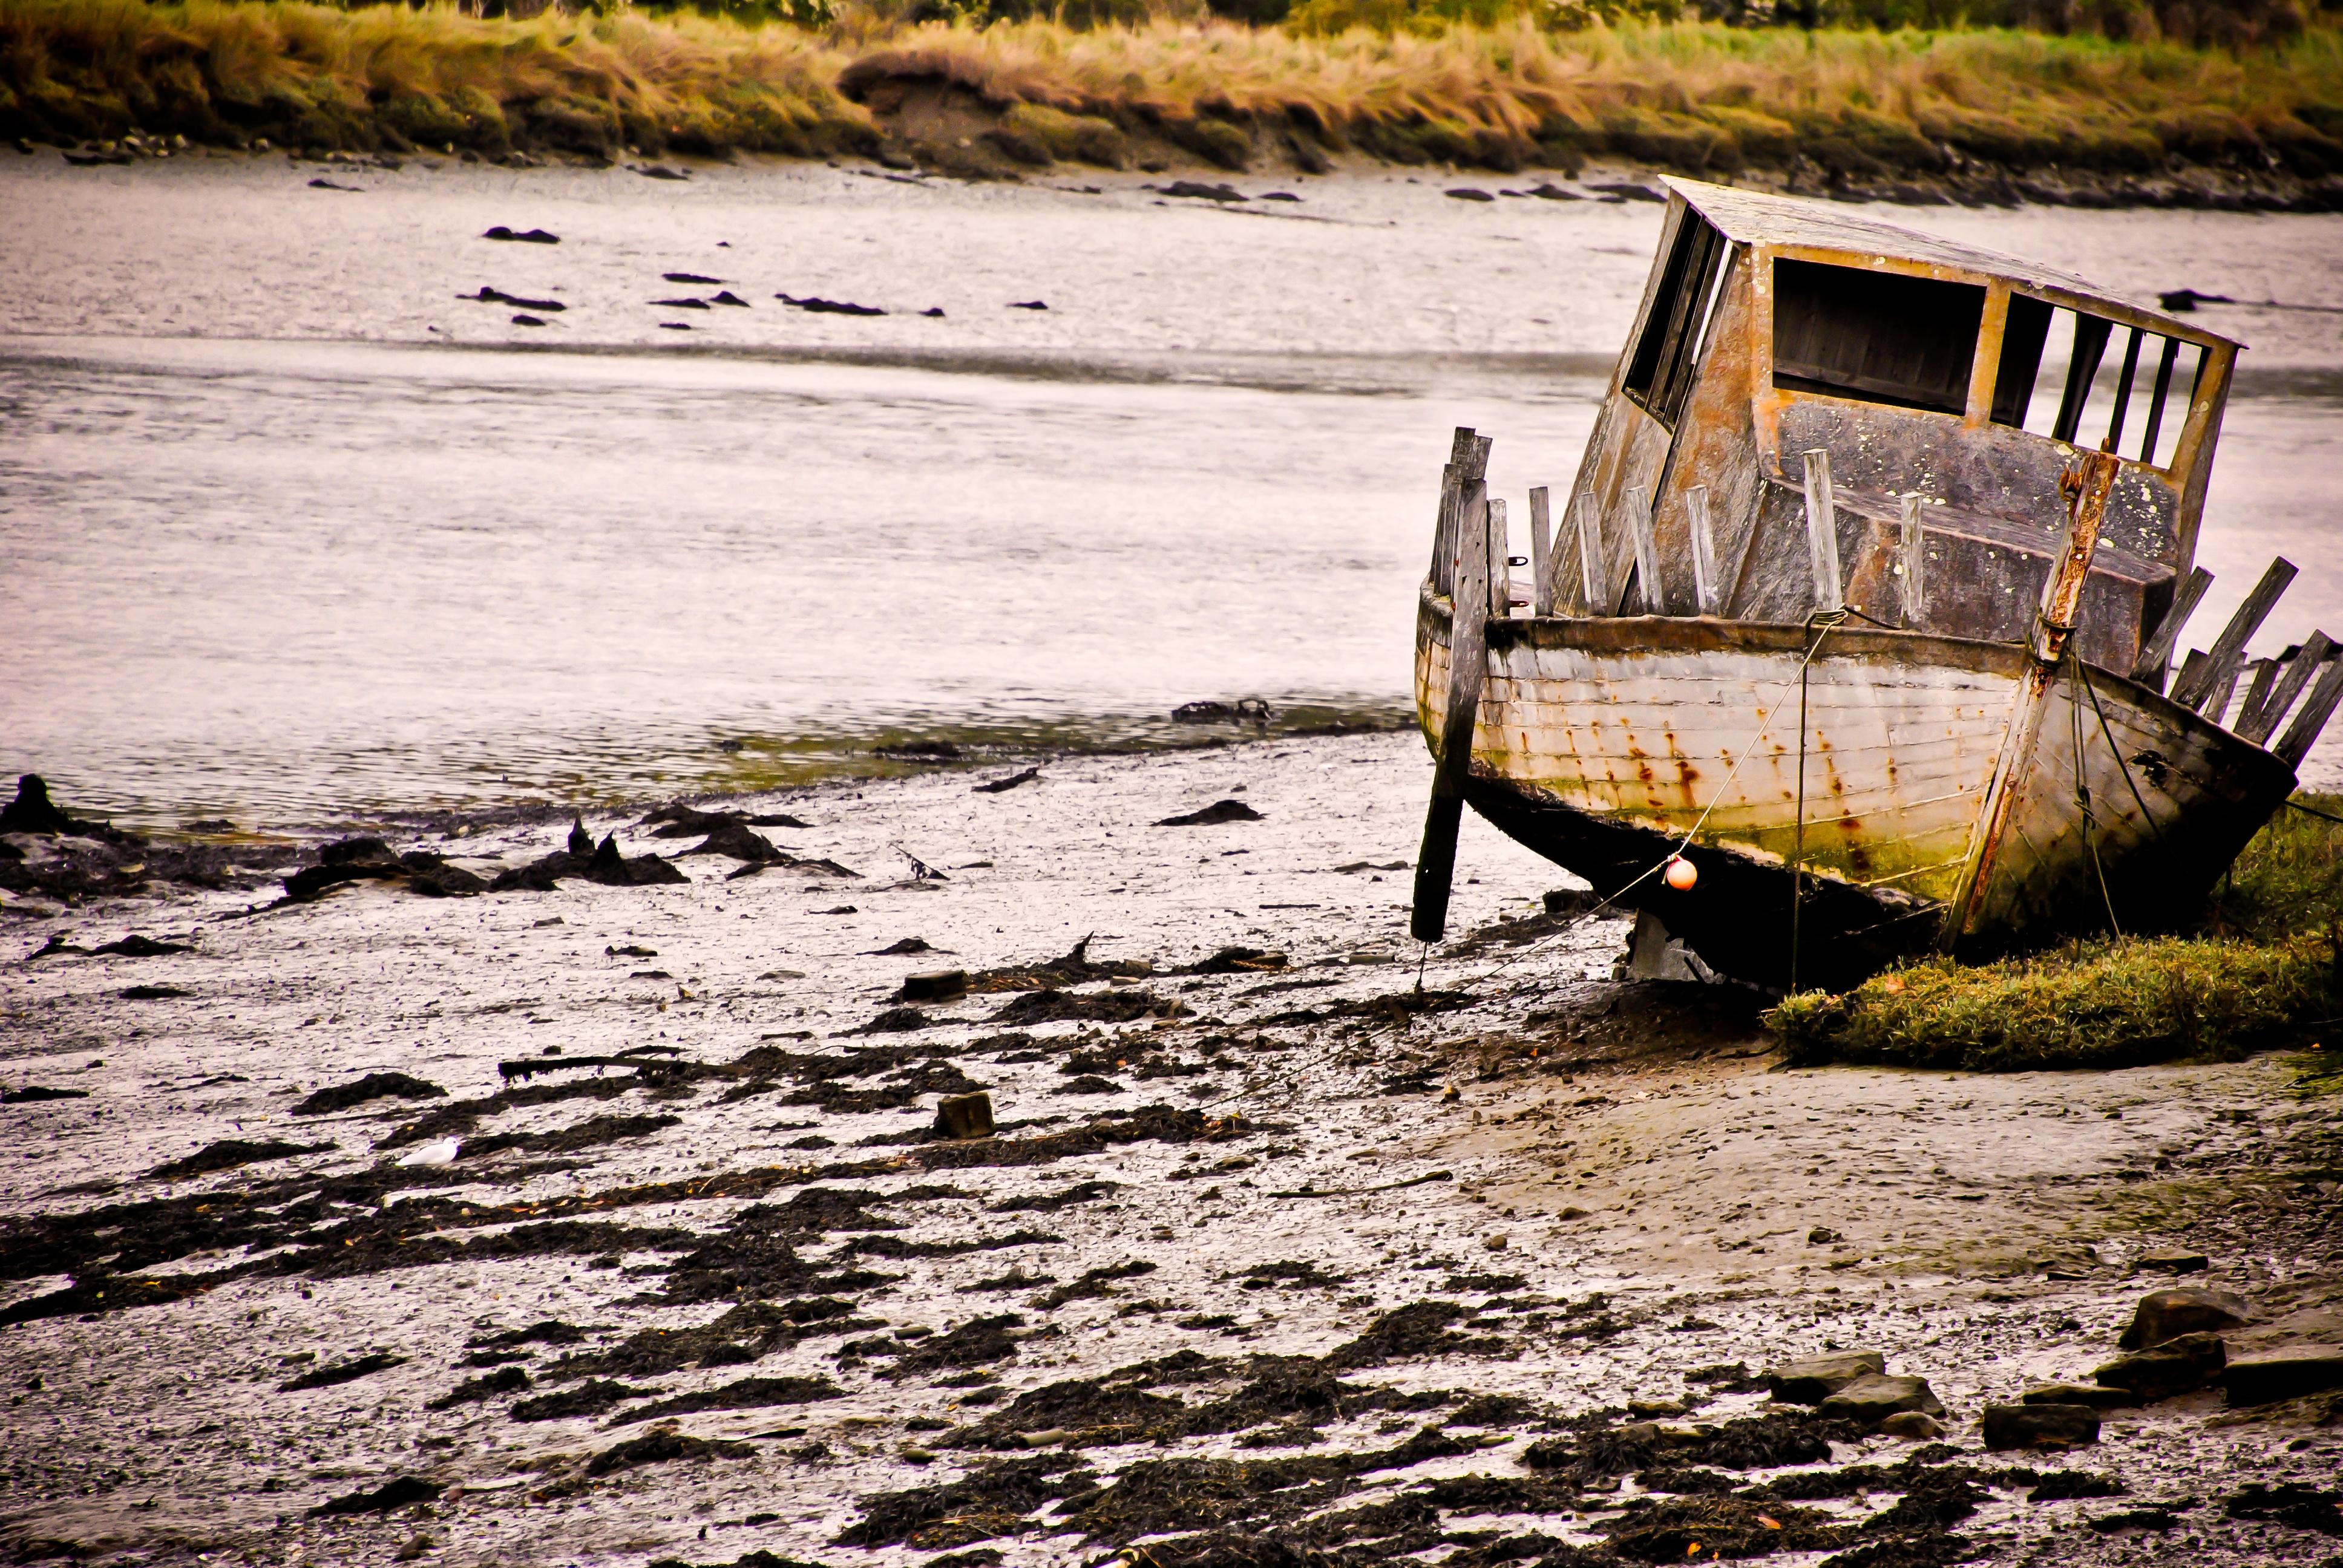 Le bateau sur la rive